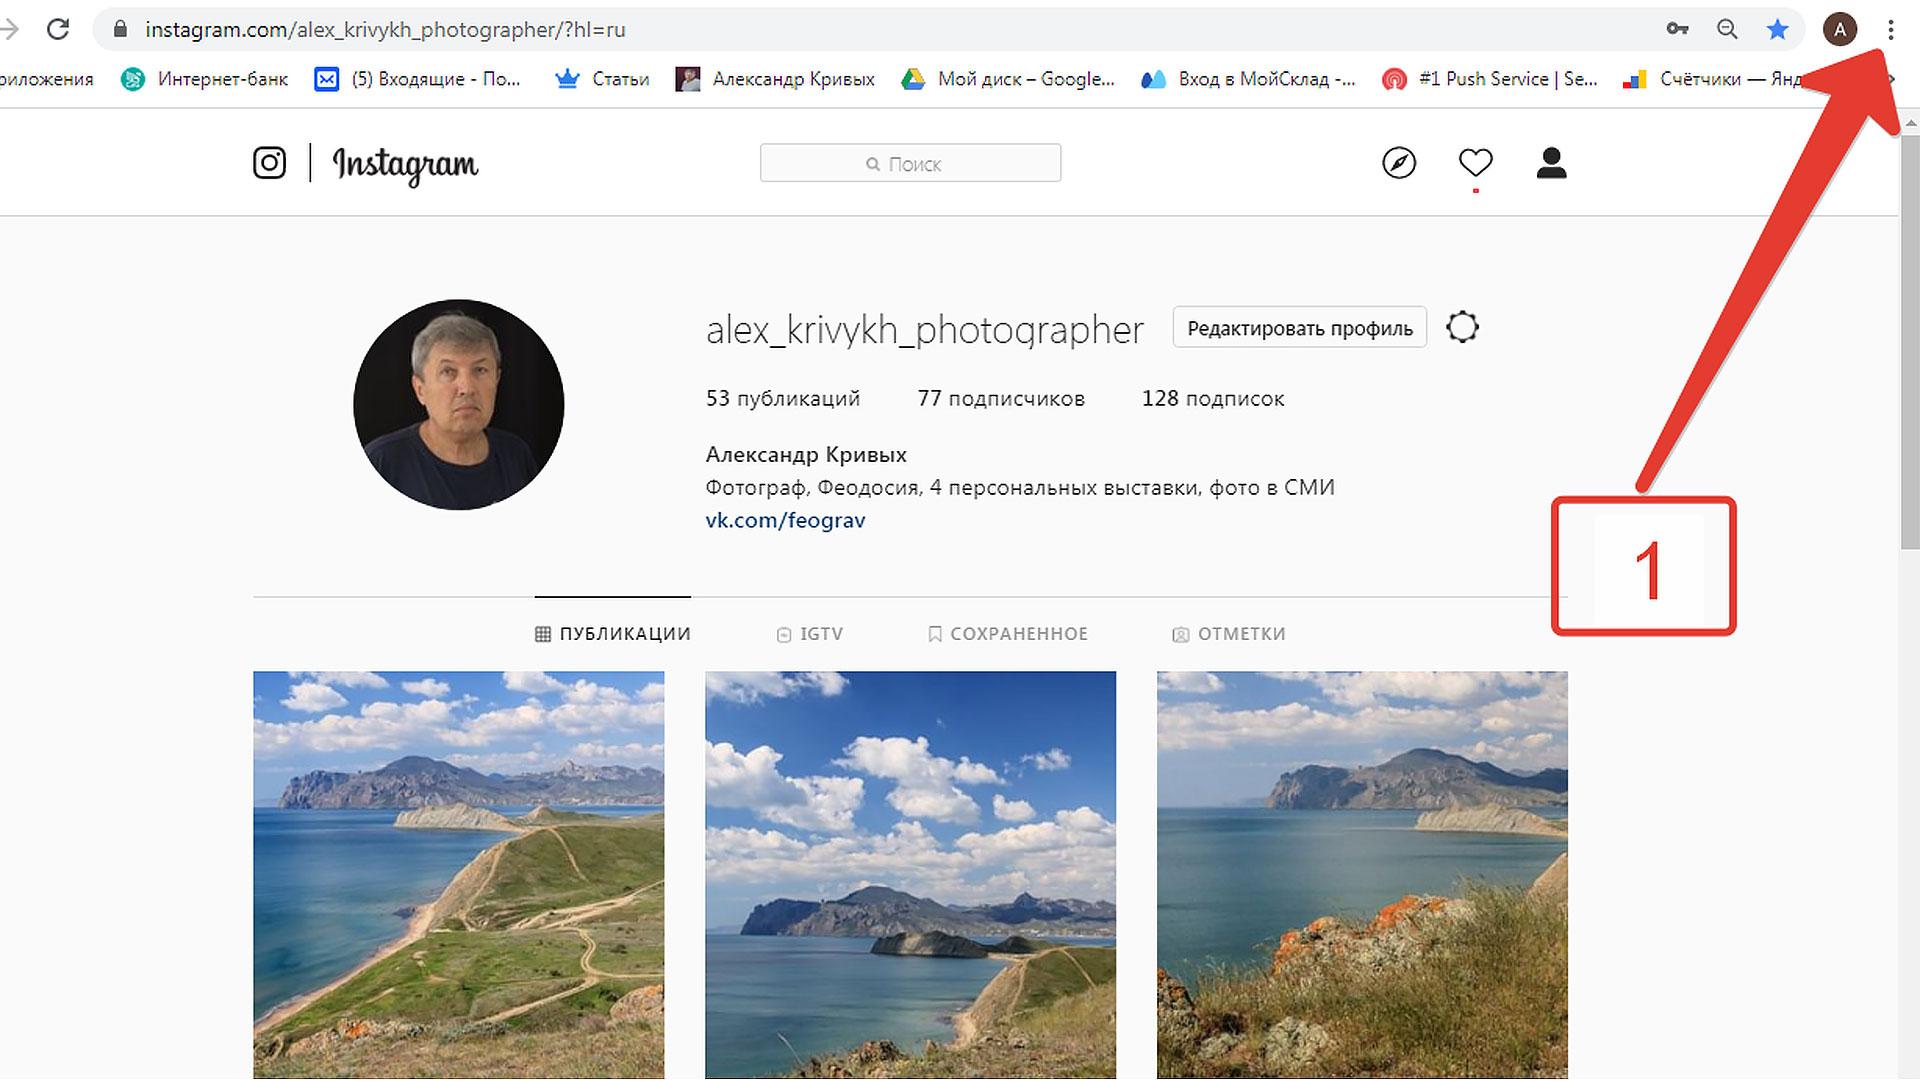 Как защитить свои фото в инстаграм представленном выше